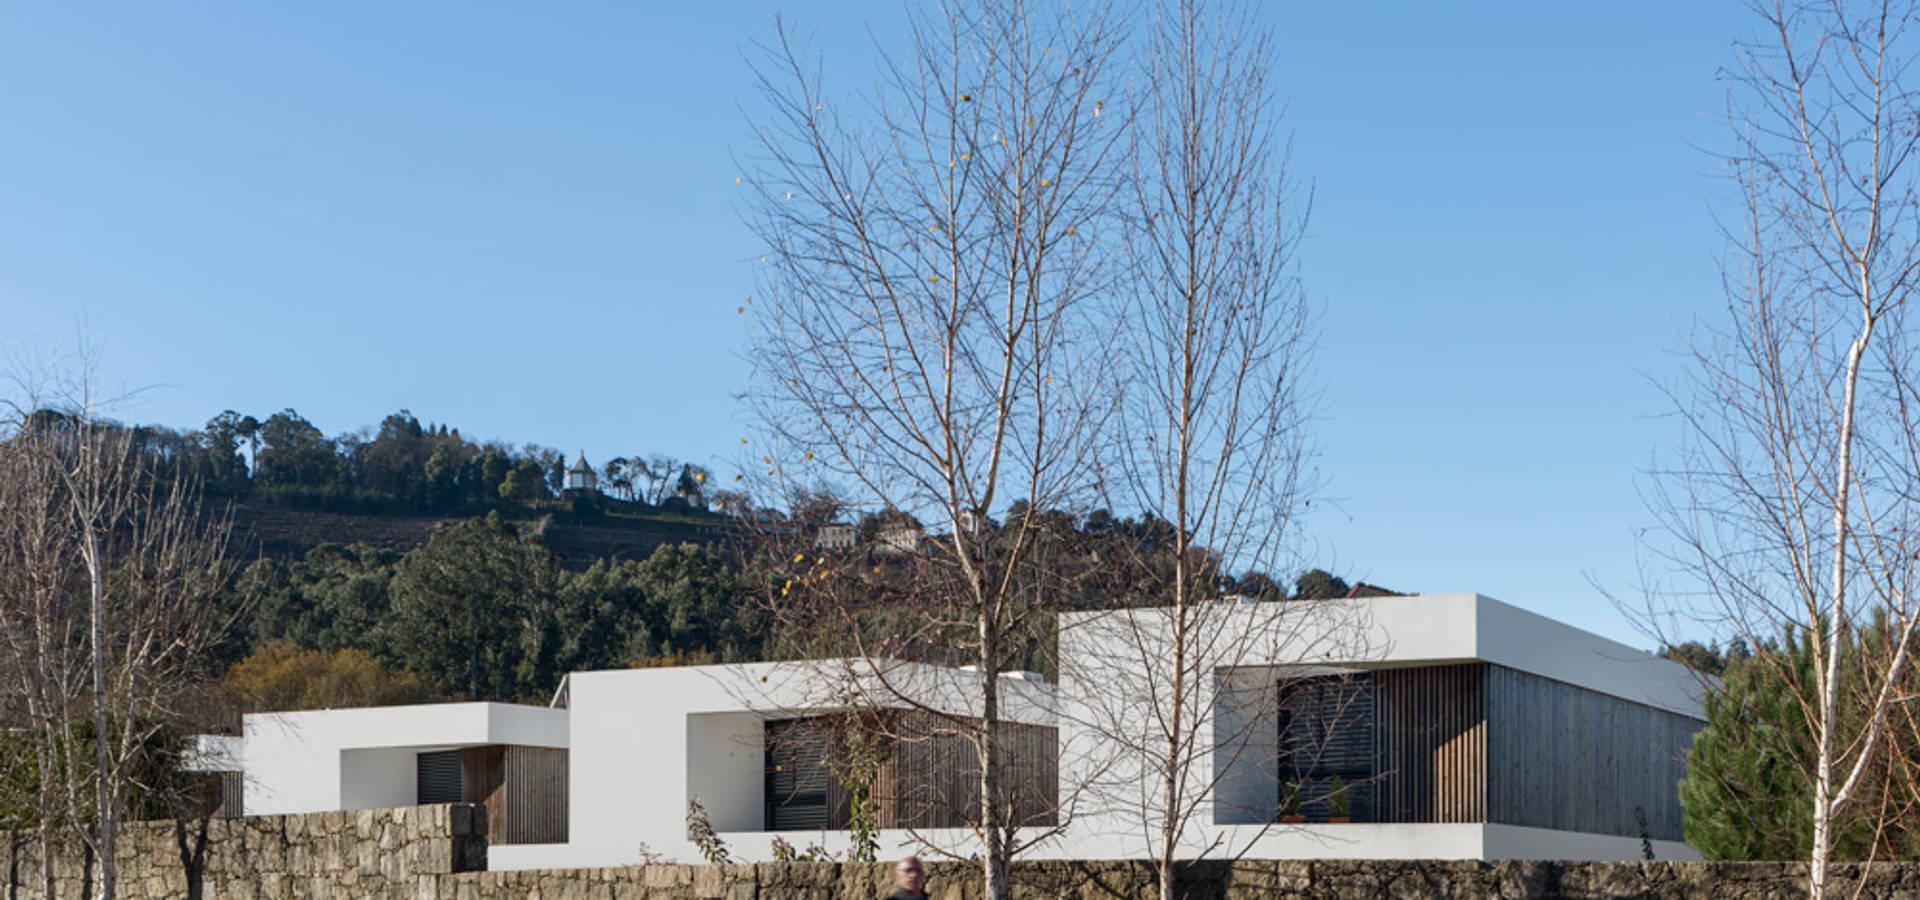 Casa portelinhos fotografia de arquitectura - Fotografia arquitectura ...